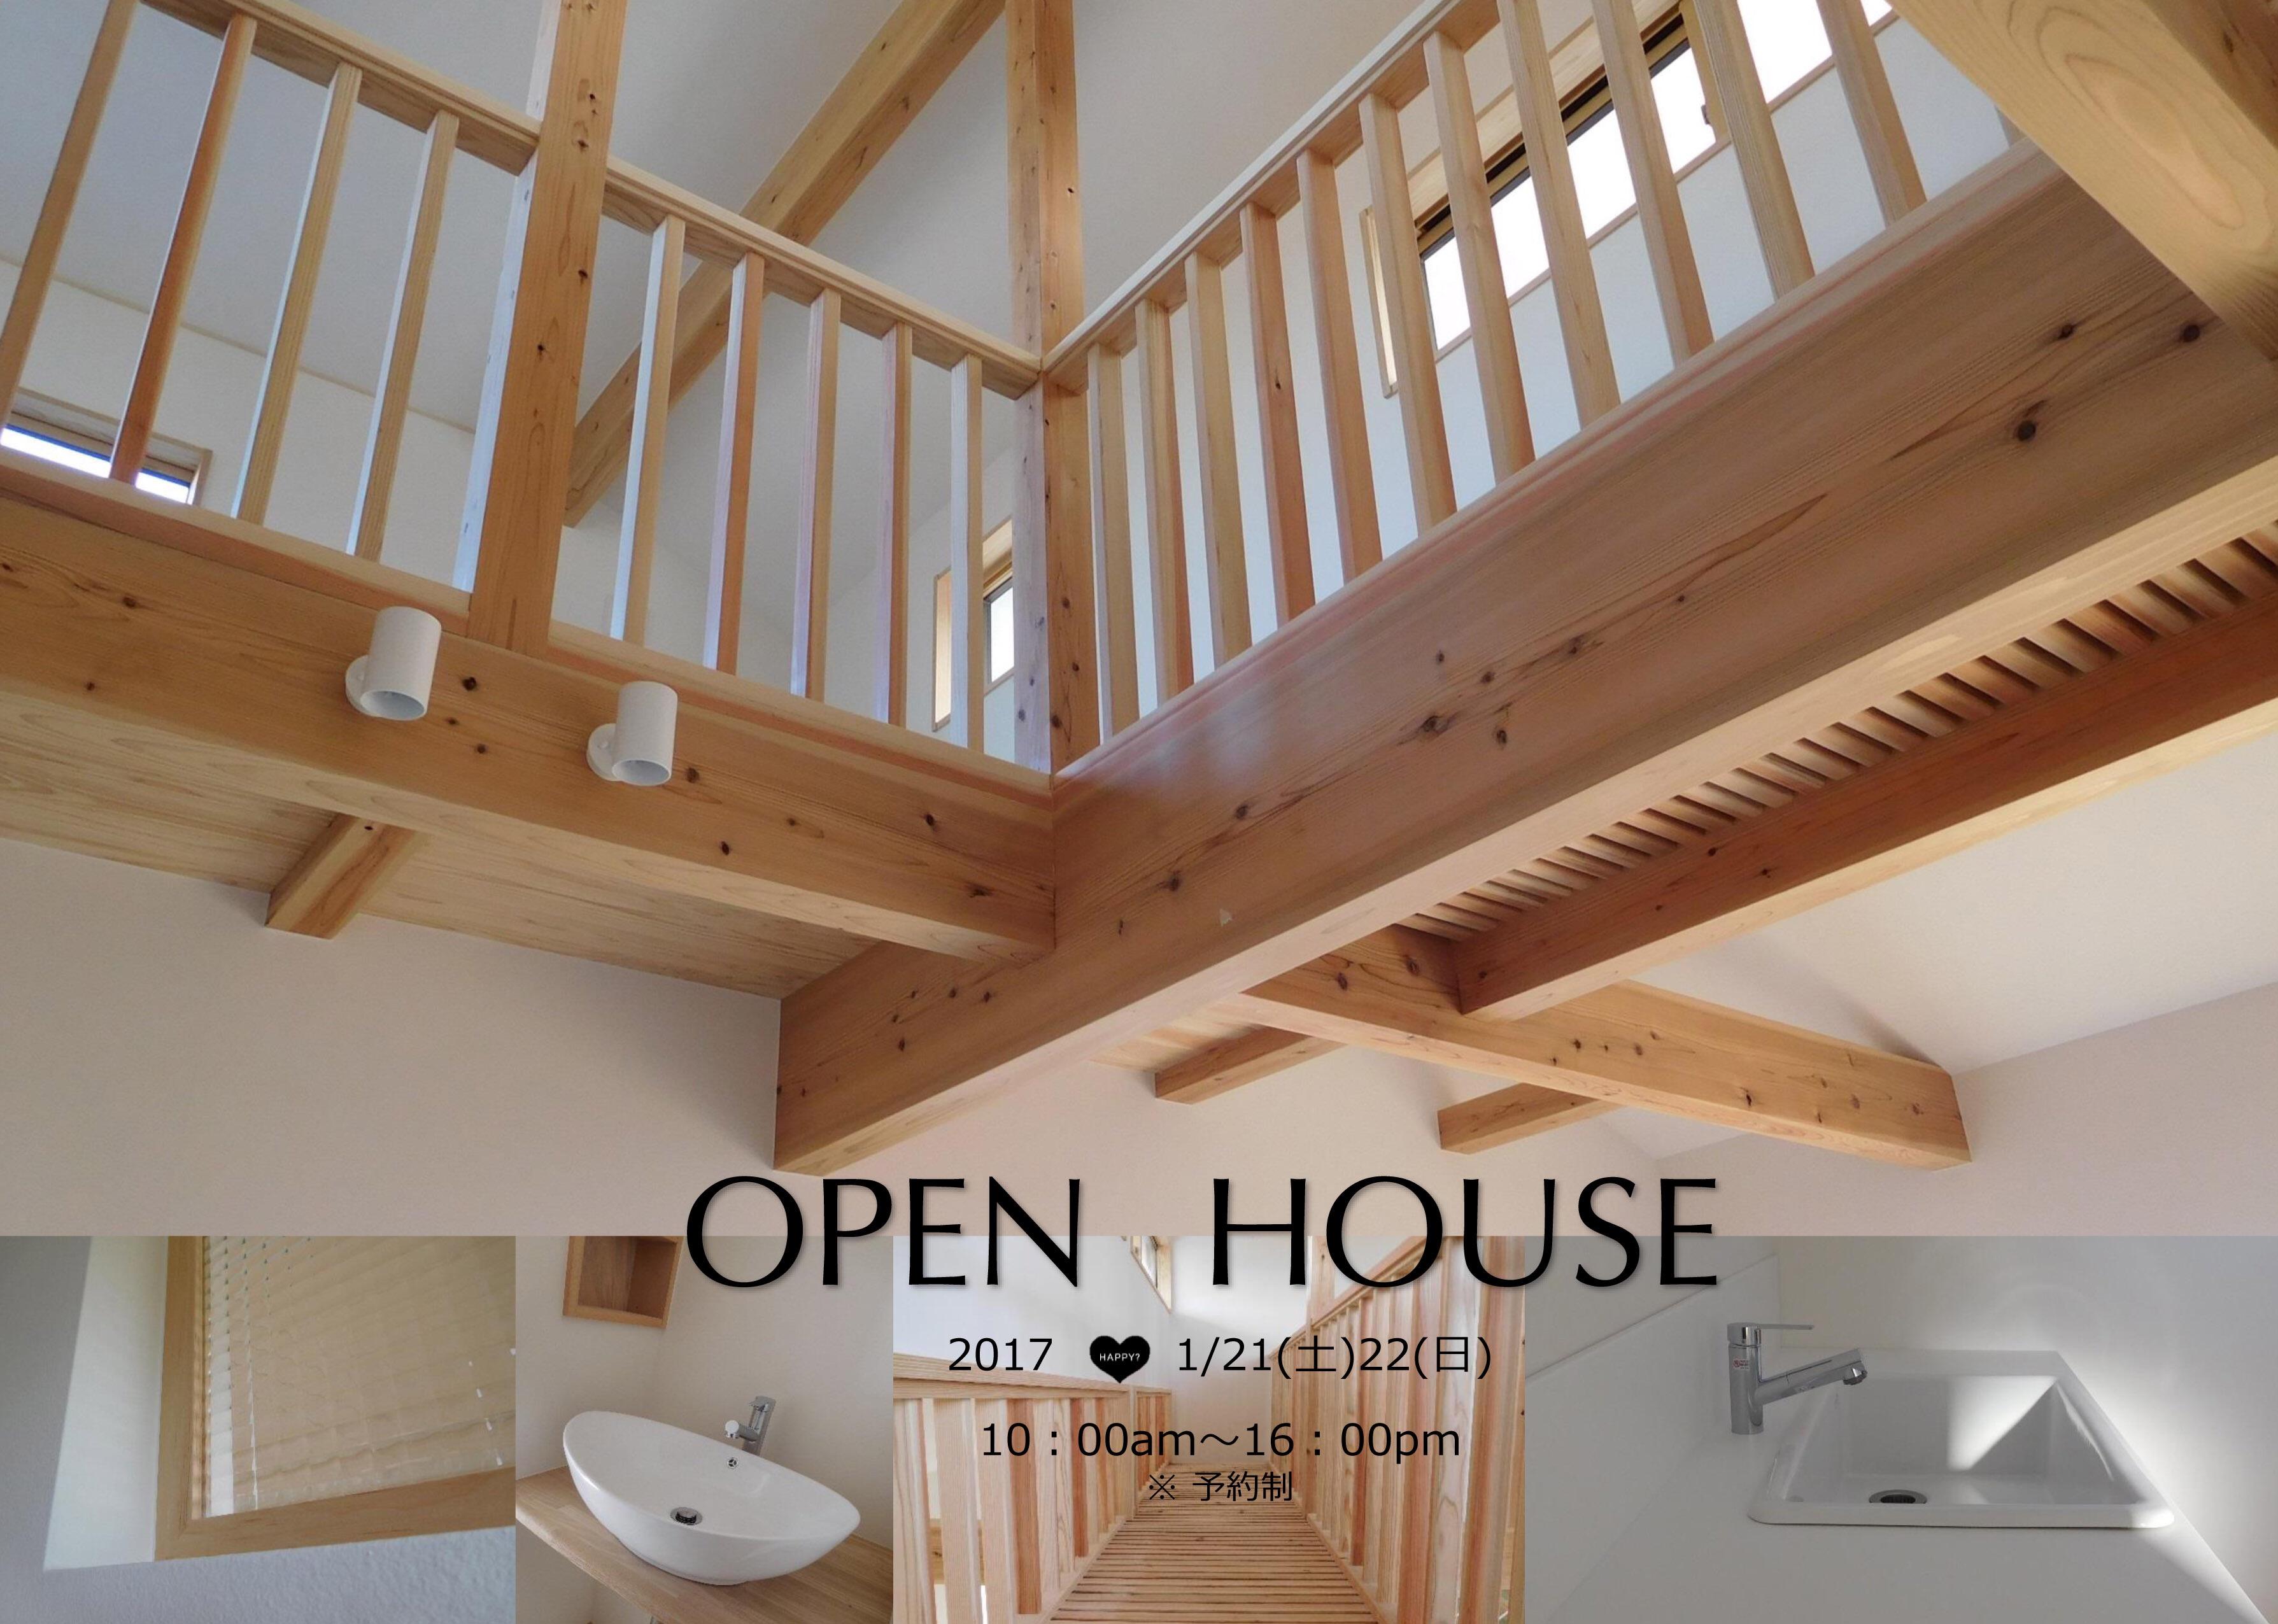 美原の家(三世代住宅)オープンハウス開催いたします。